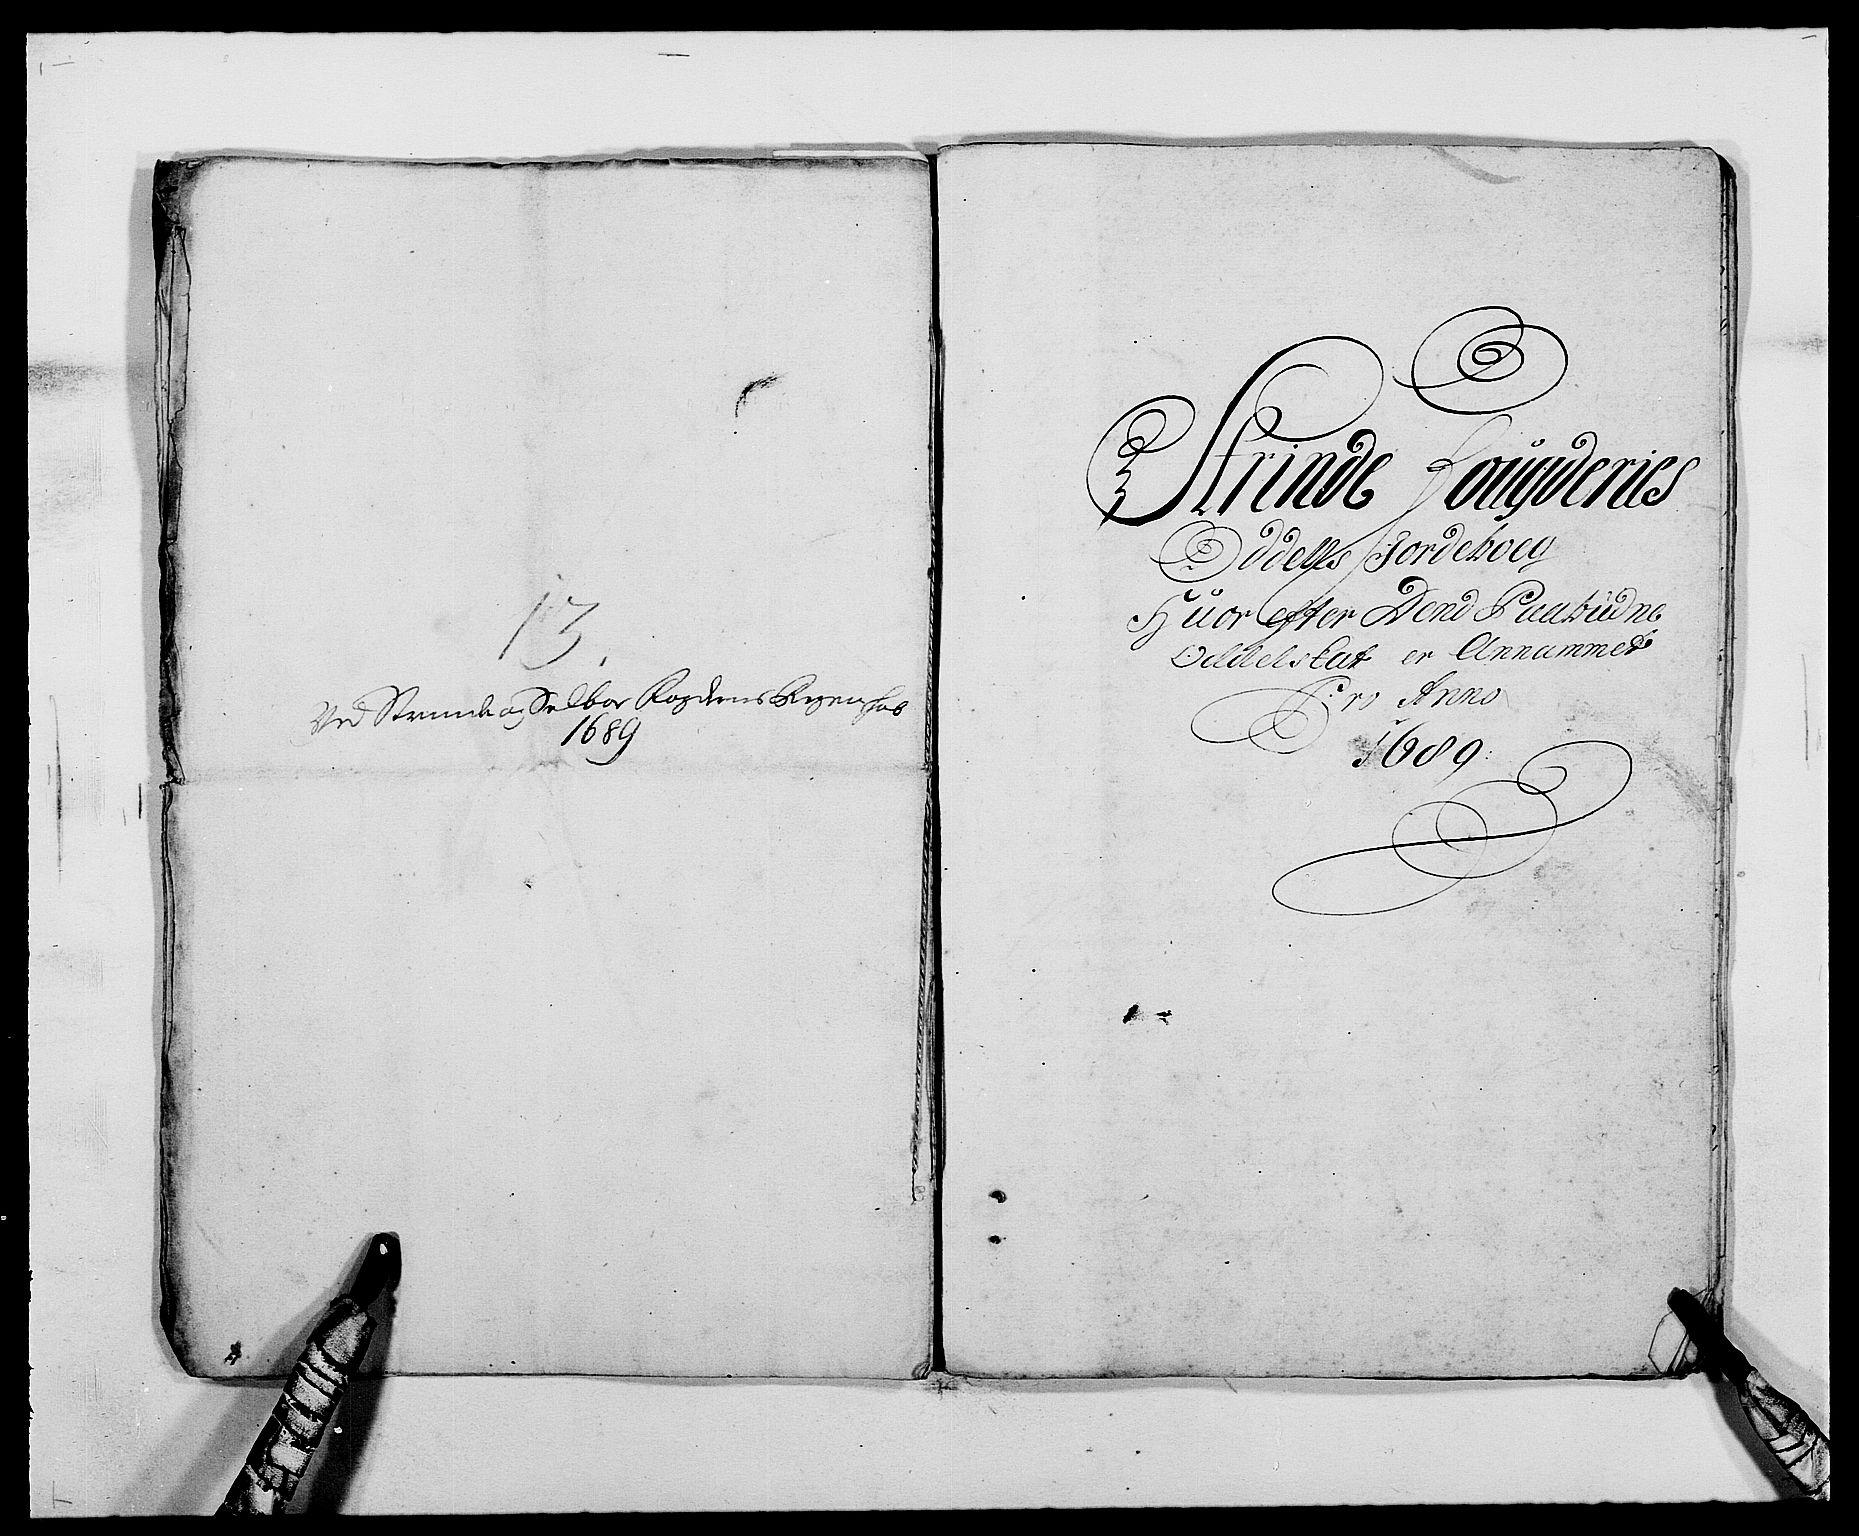 RA, Rentekammeret inntil 1814, Reviderte regnskaper, Fogderegnskap, R61/L4102: Fogderegnskap Strinda og Selbu, 1689-1690, s. 78